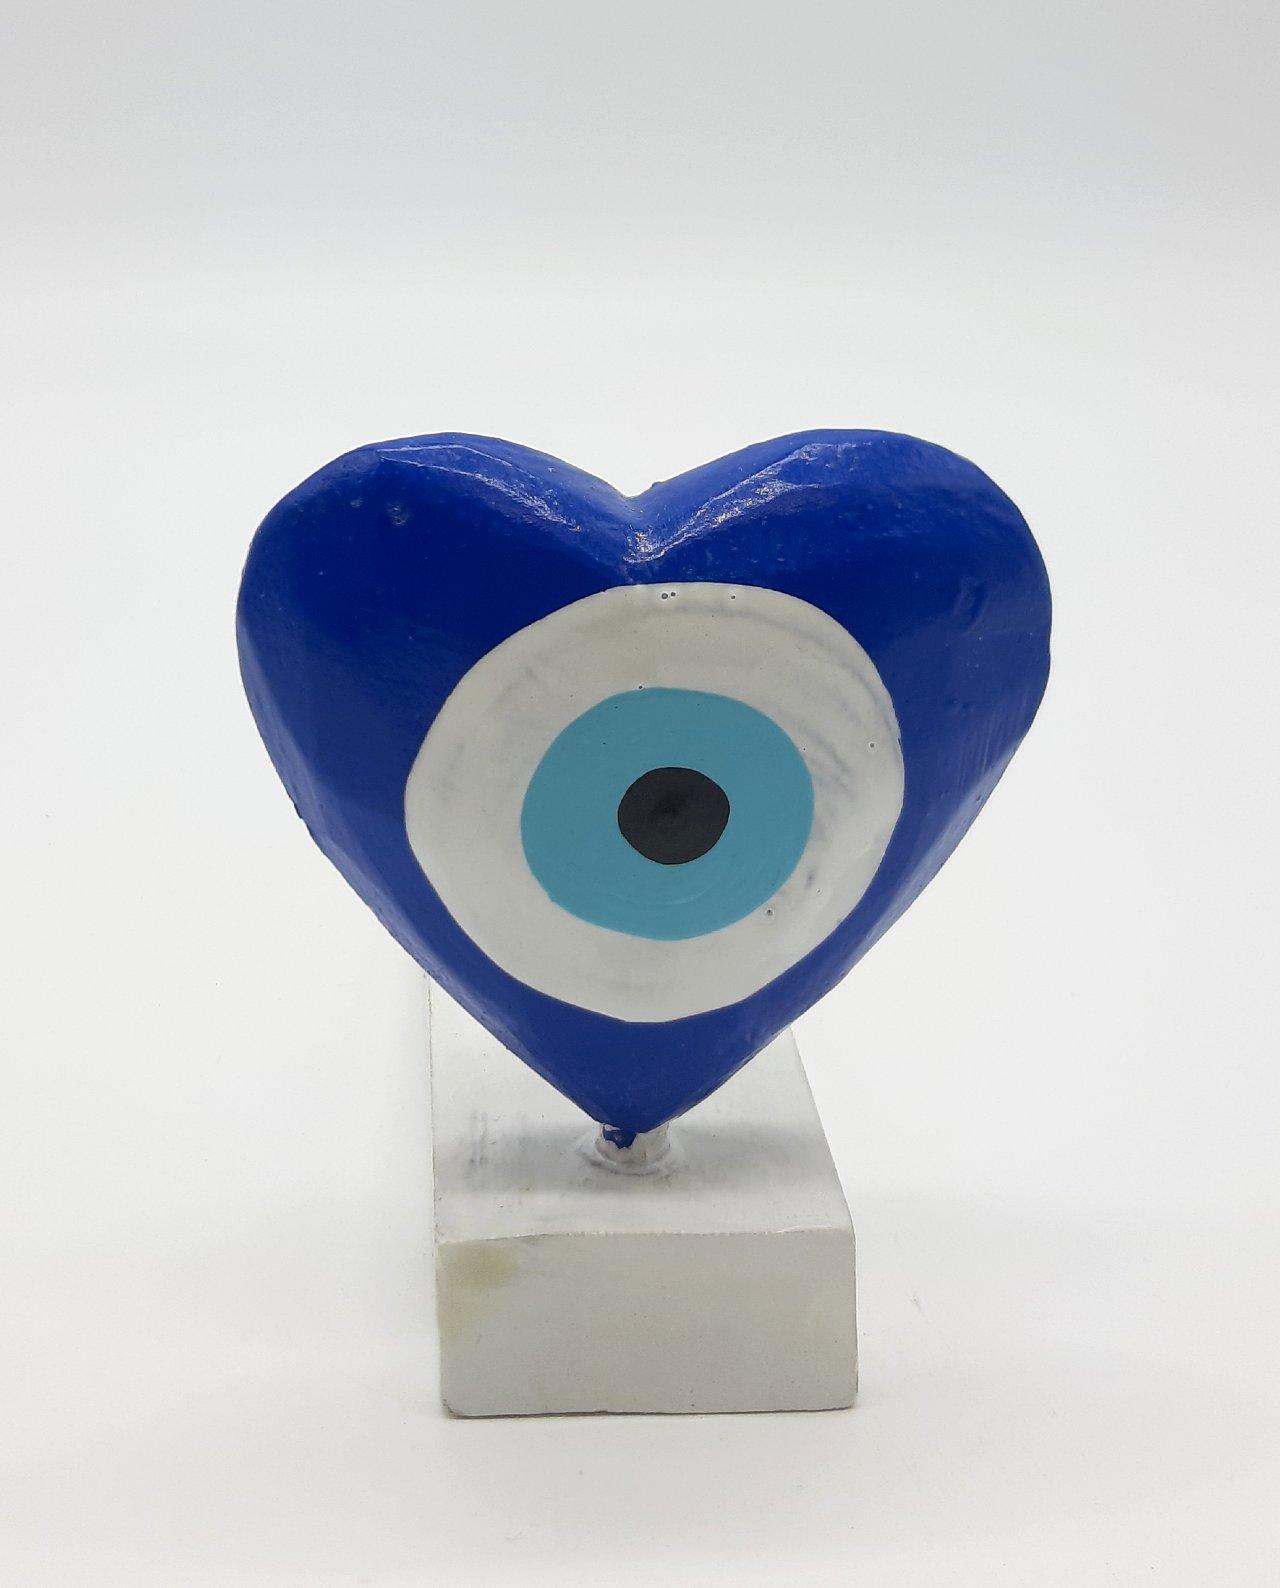 Σφήνα Πόρτας Χειροποίητη Ξύλινη Καρδιά Ματάκι χρώμα μπλε